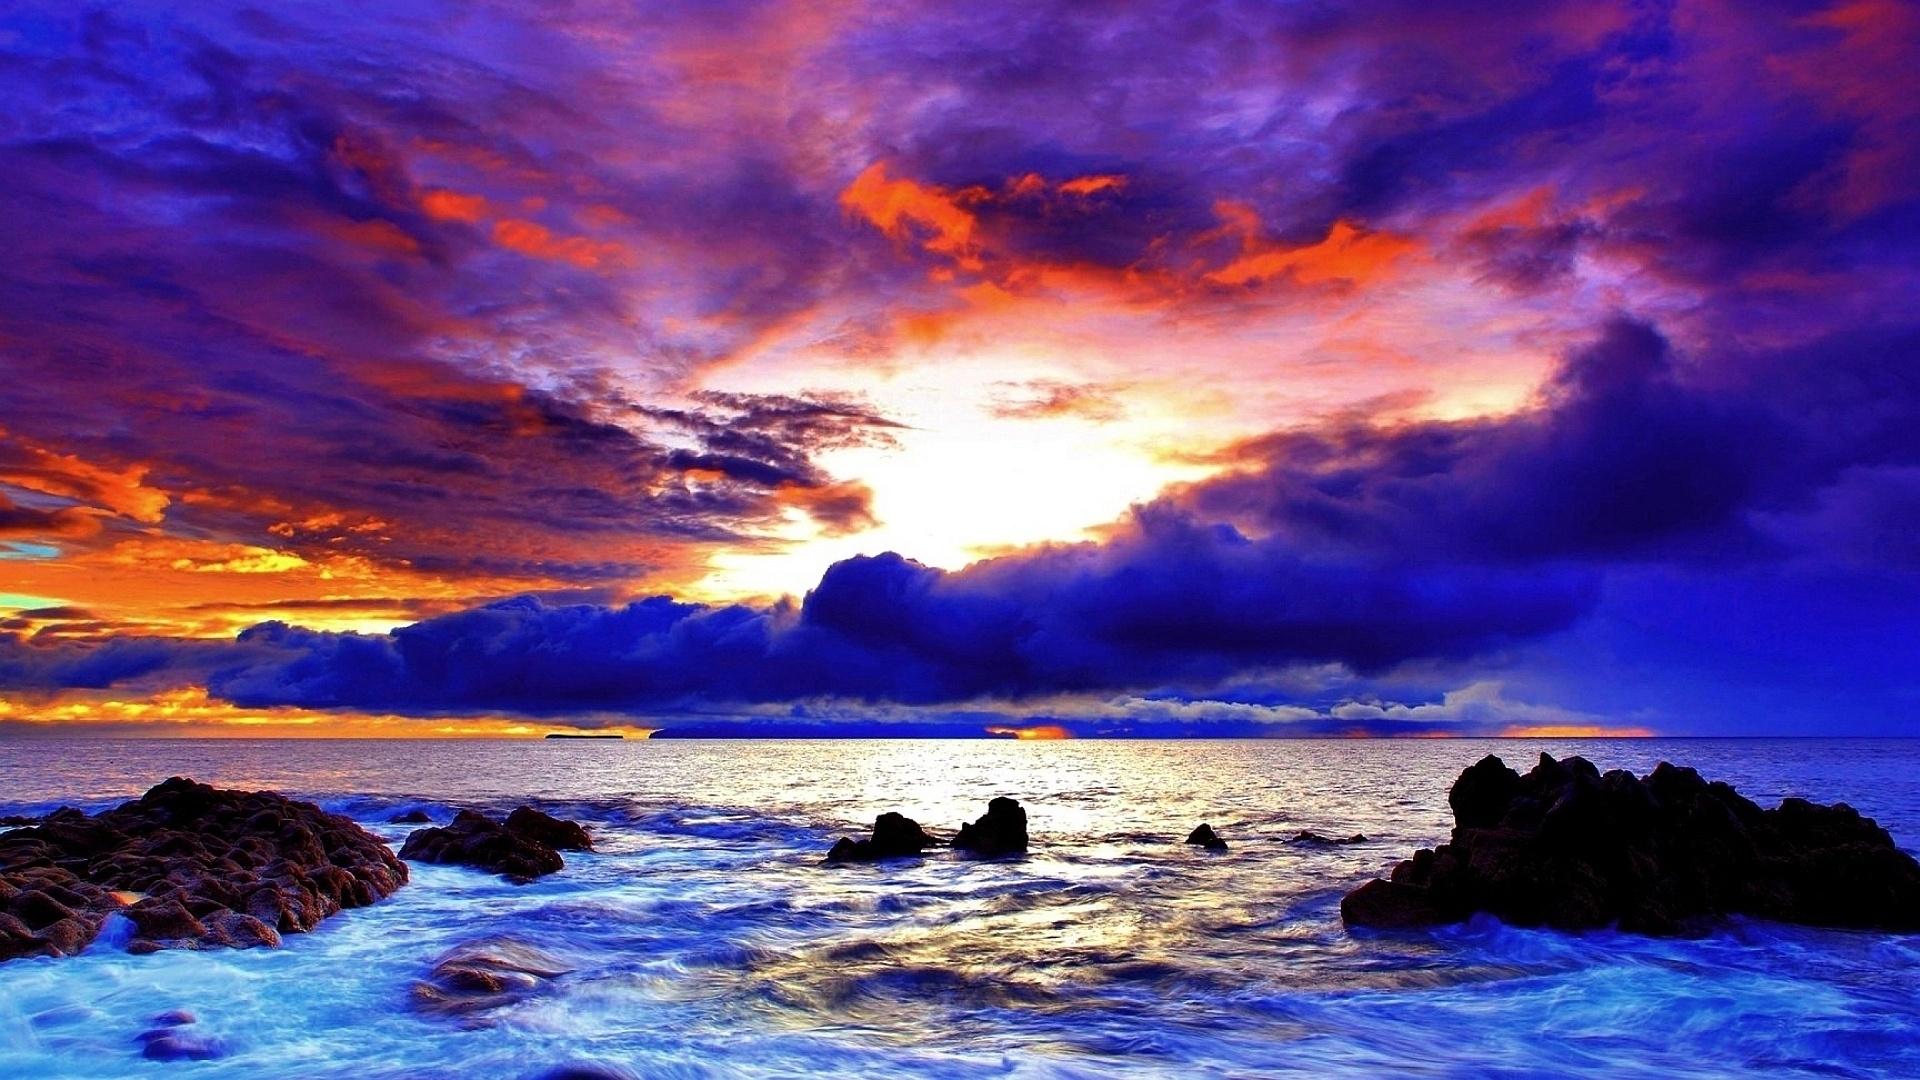 coucher de soleil fond d'écran hd hd